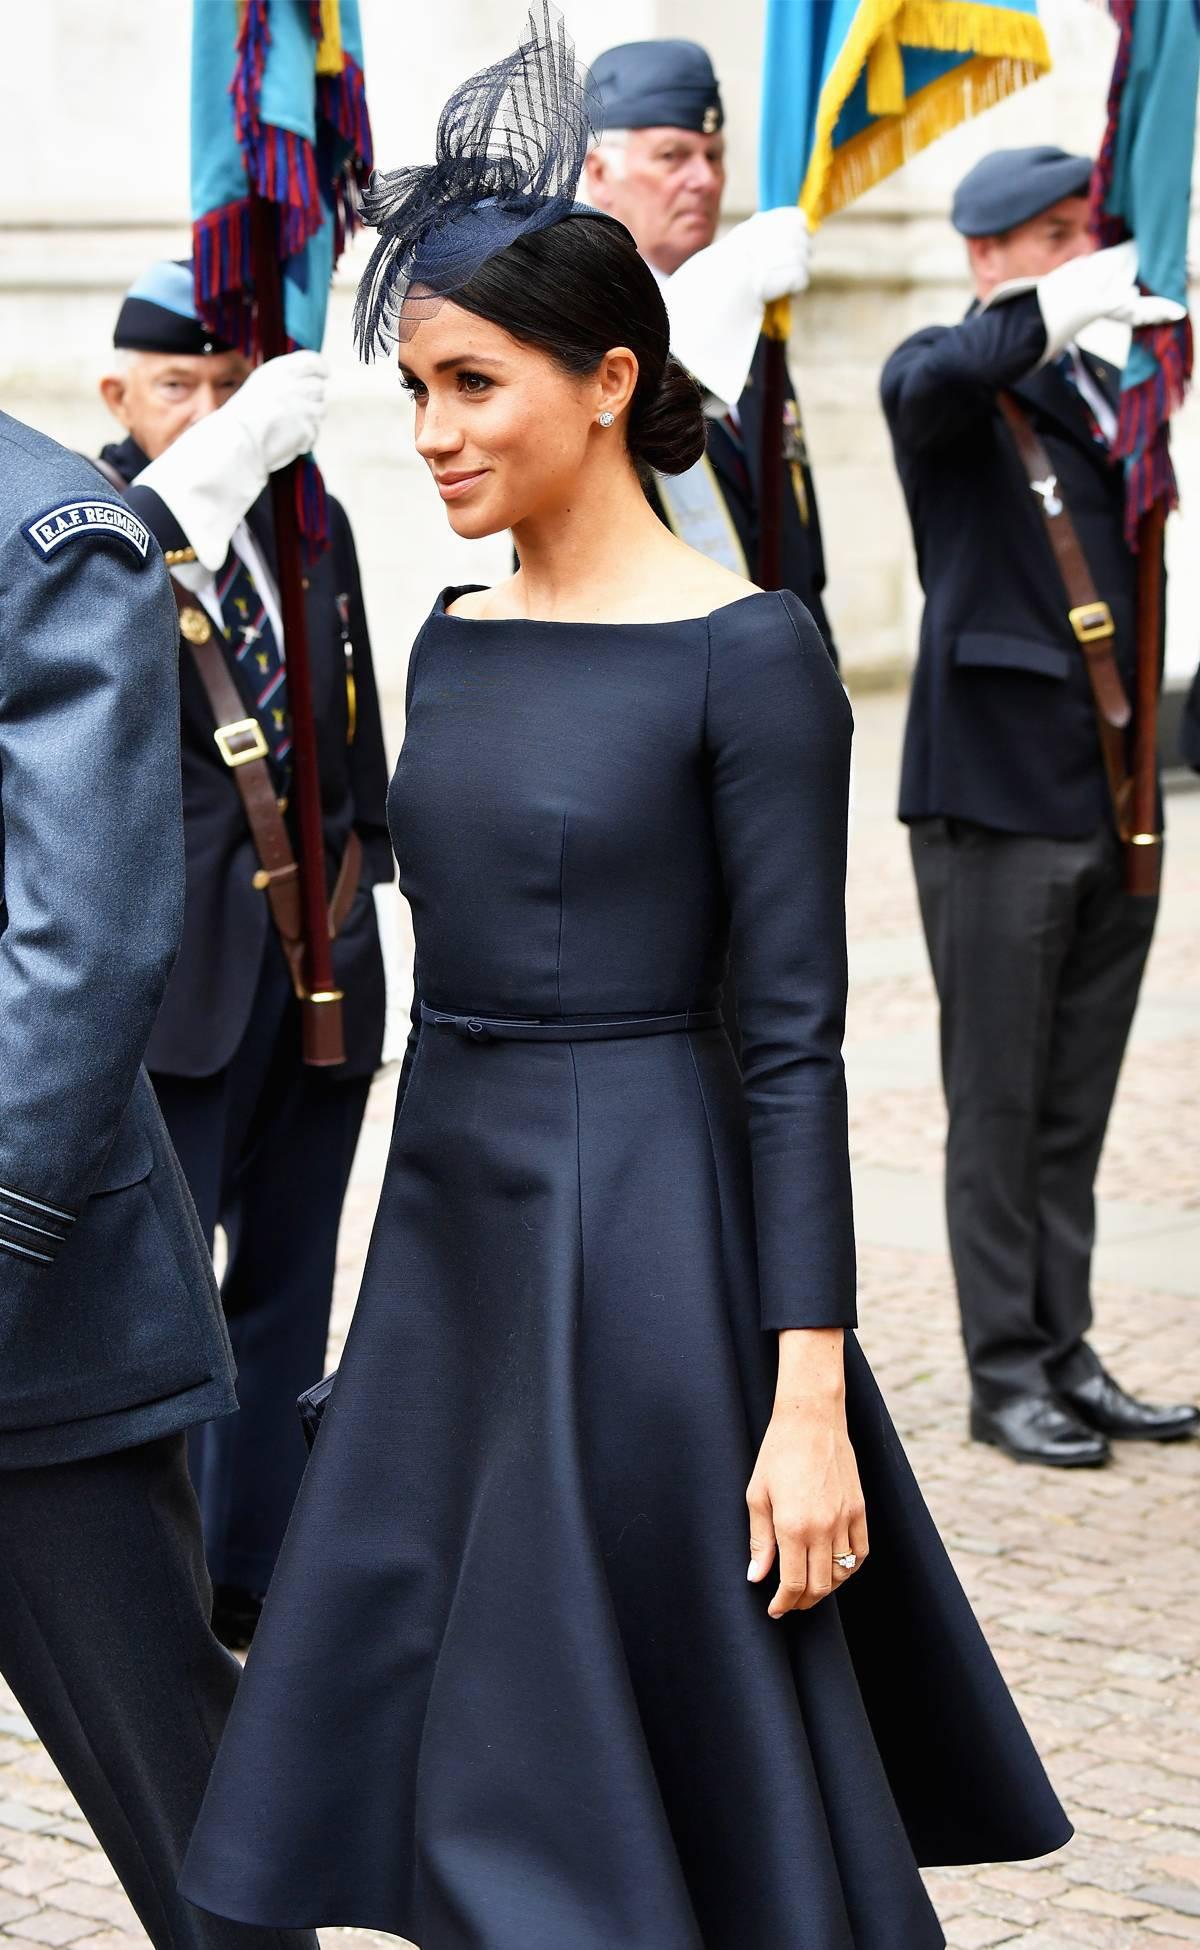 Ai cũng muốn như Meghan Markle: thích kiểu váy nào là mua mỗi hãng một chiếc, lại toàn là hãng cao cấp - Ảnh 2.